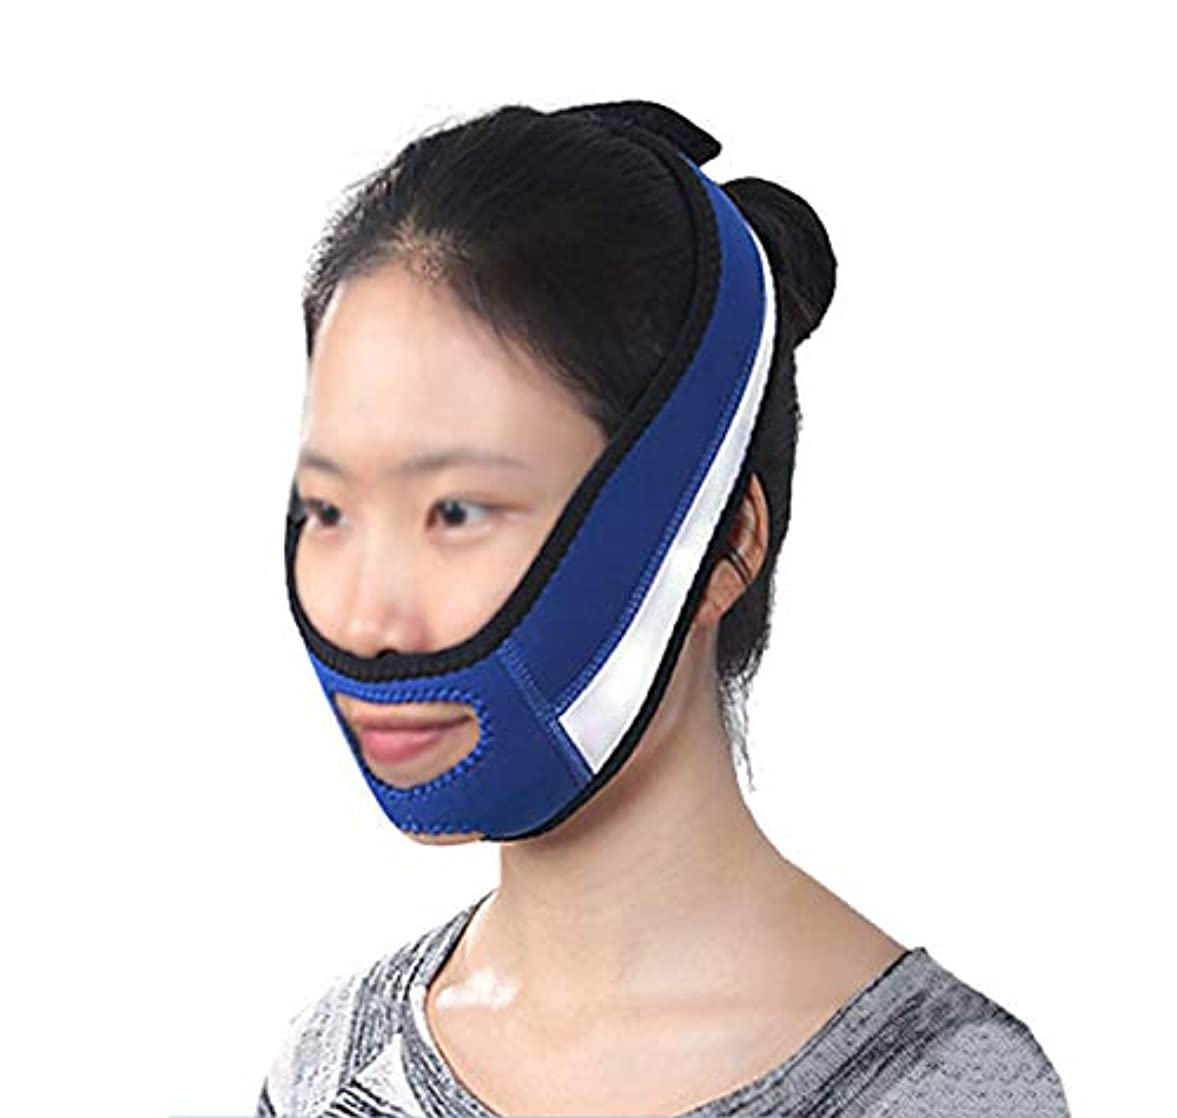 簿記係石灰岩協力的LJK 薄い顔包帯フェイススリムは、二重あごを取り除くVラインの顔の形を作りますチンチークリフトアップアンチリンクルリフティングベルトフェイスマッサージツール用女性と女の子